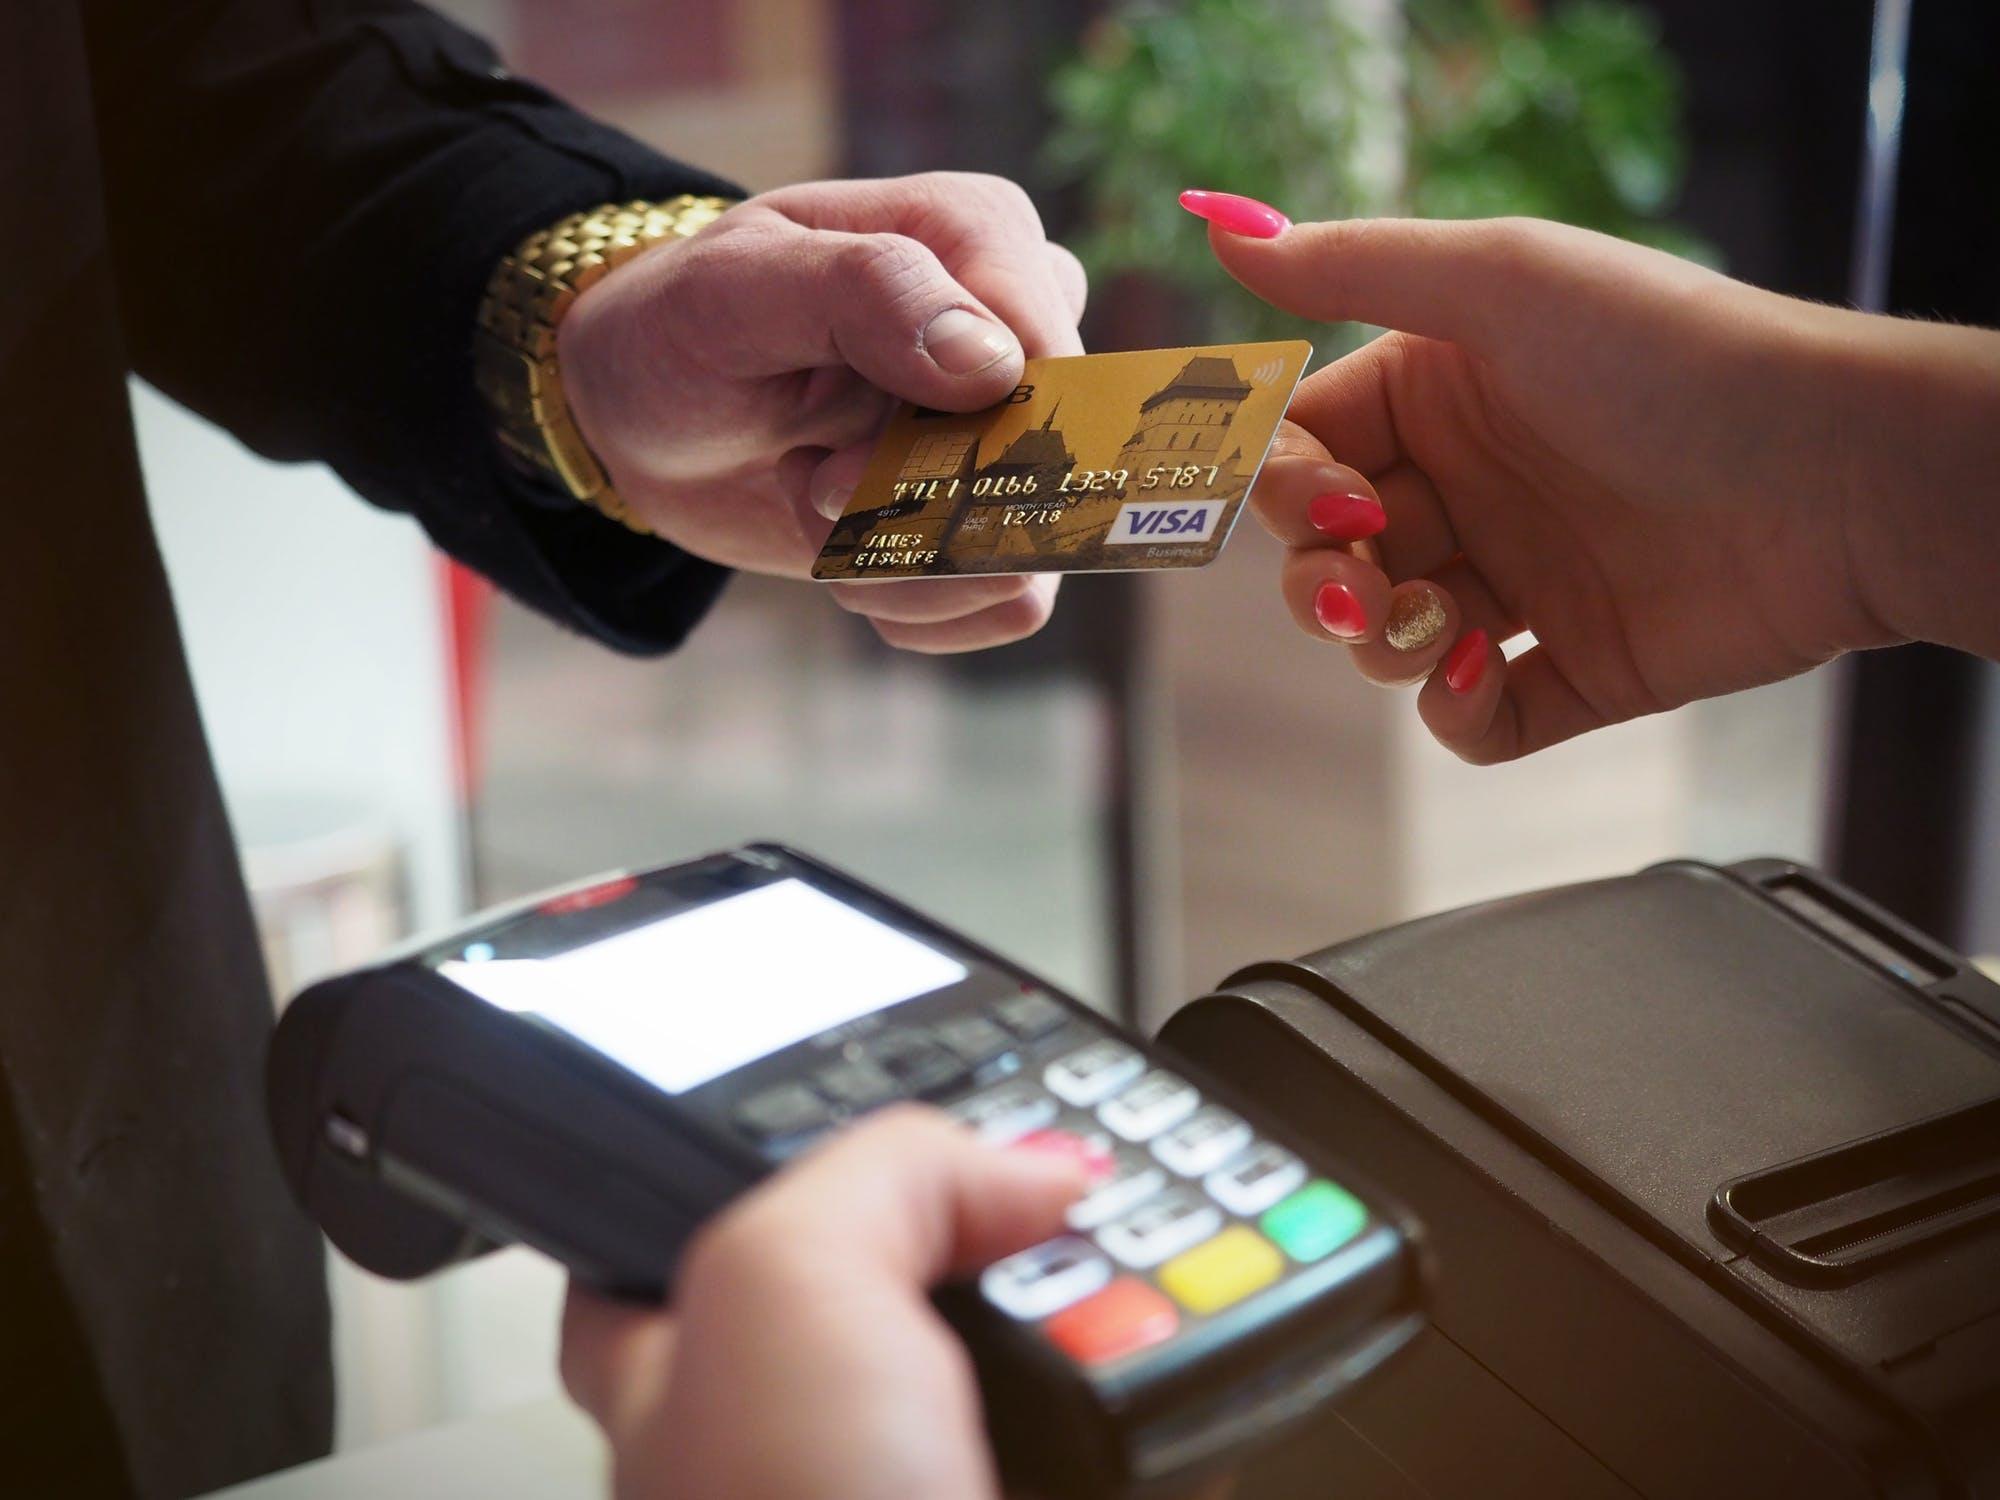 O que aconteceu com sua pontuação de crédito? 1